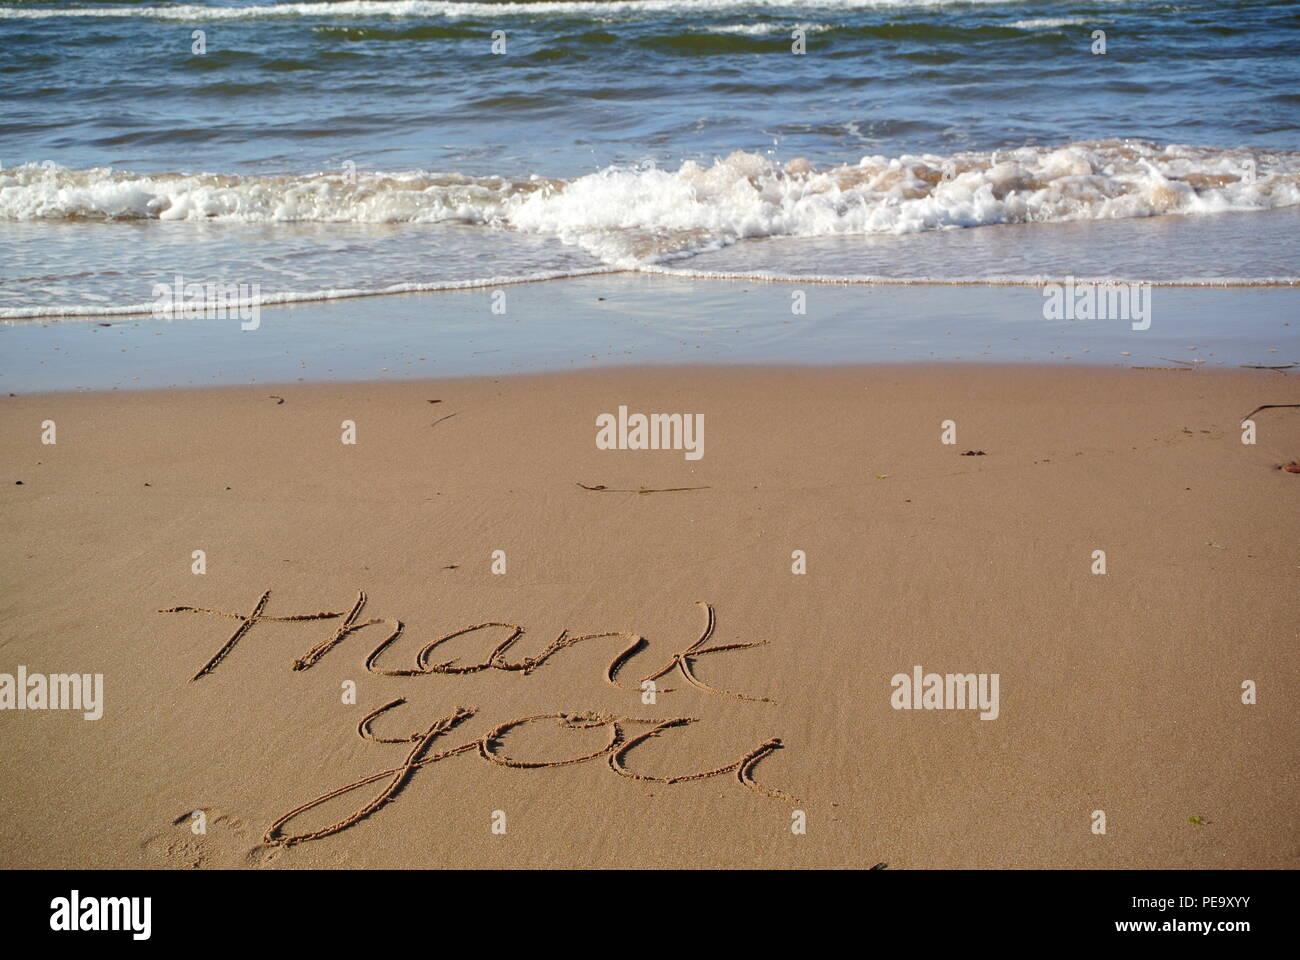 """Un beau message de remerciements """"merci"""" à la main sur le sable rouge sur une plage avec la mer bleue et une vague dans la partie supérieure, l'Île du Prince Édouard Photo Stock"""